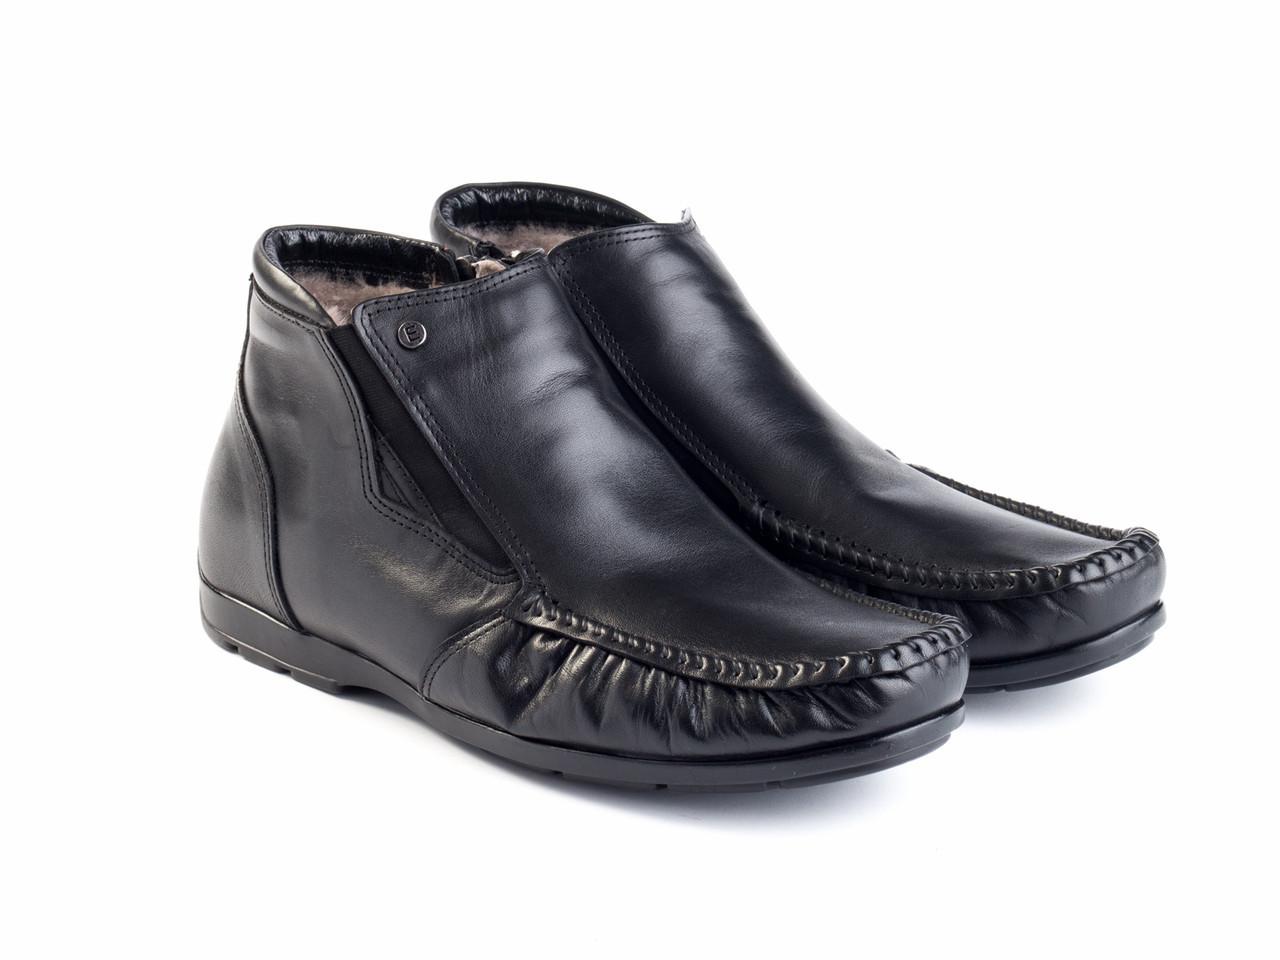 Ботинки Etor 14668-7383 41 черные